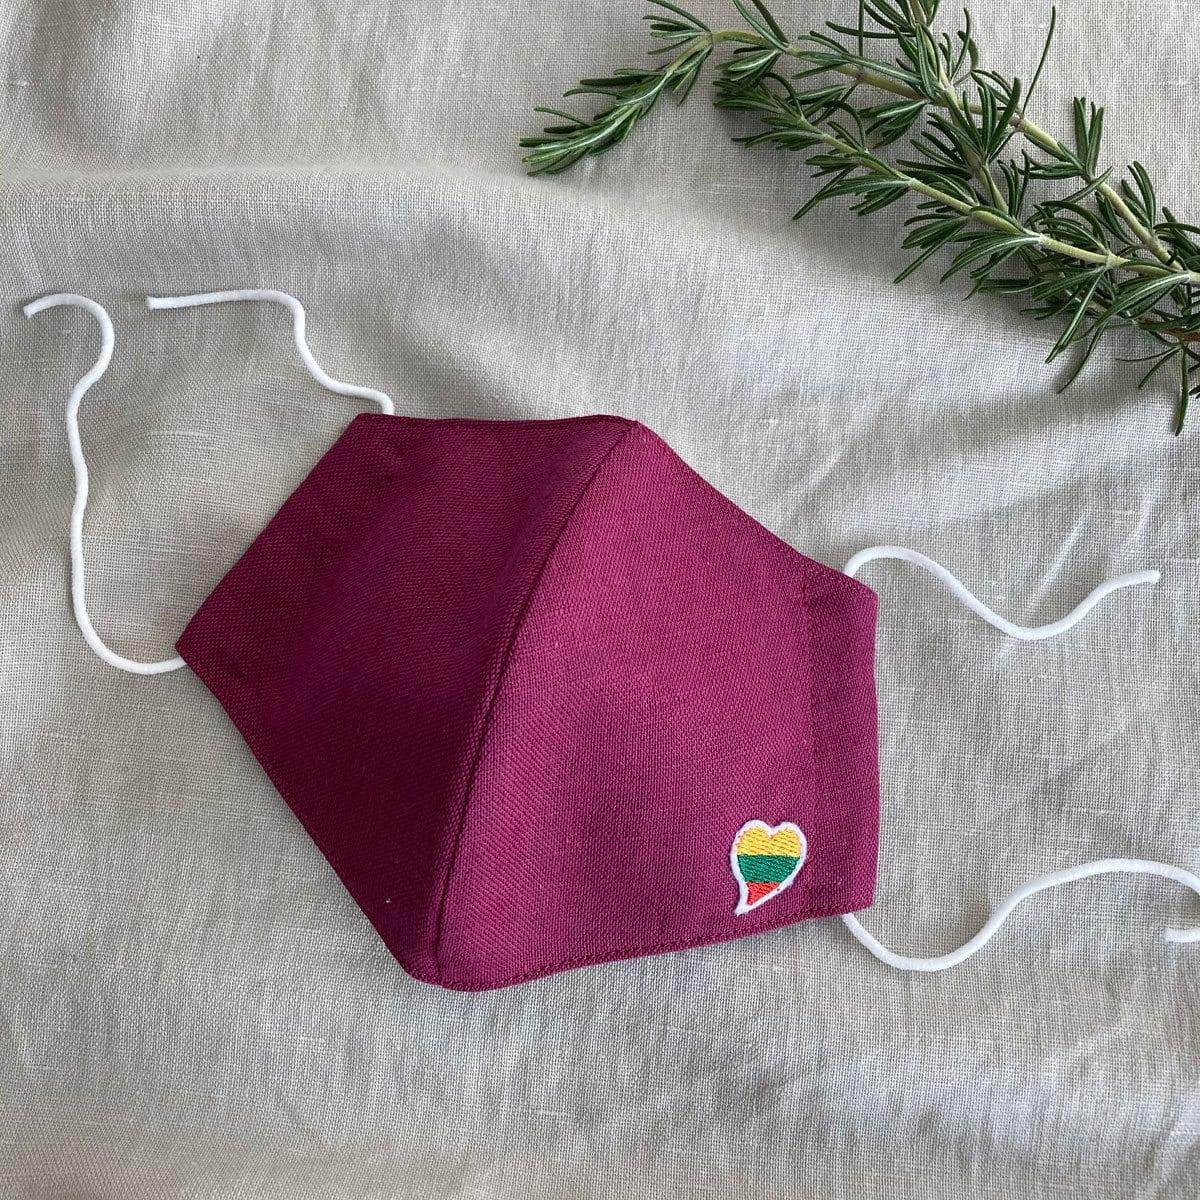 リトアニア産リネン使用 ハンドメイドマスク リトアニア国旗モチーフハートマーク付平織バーガンディー